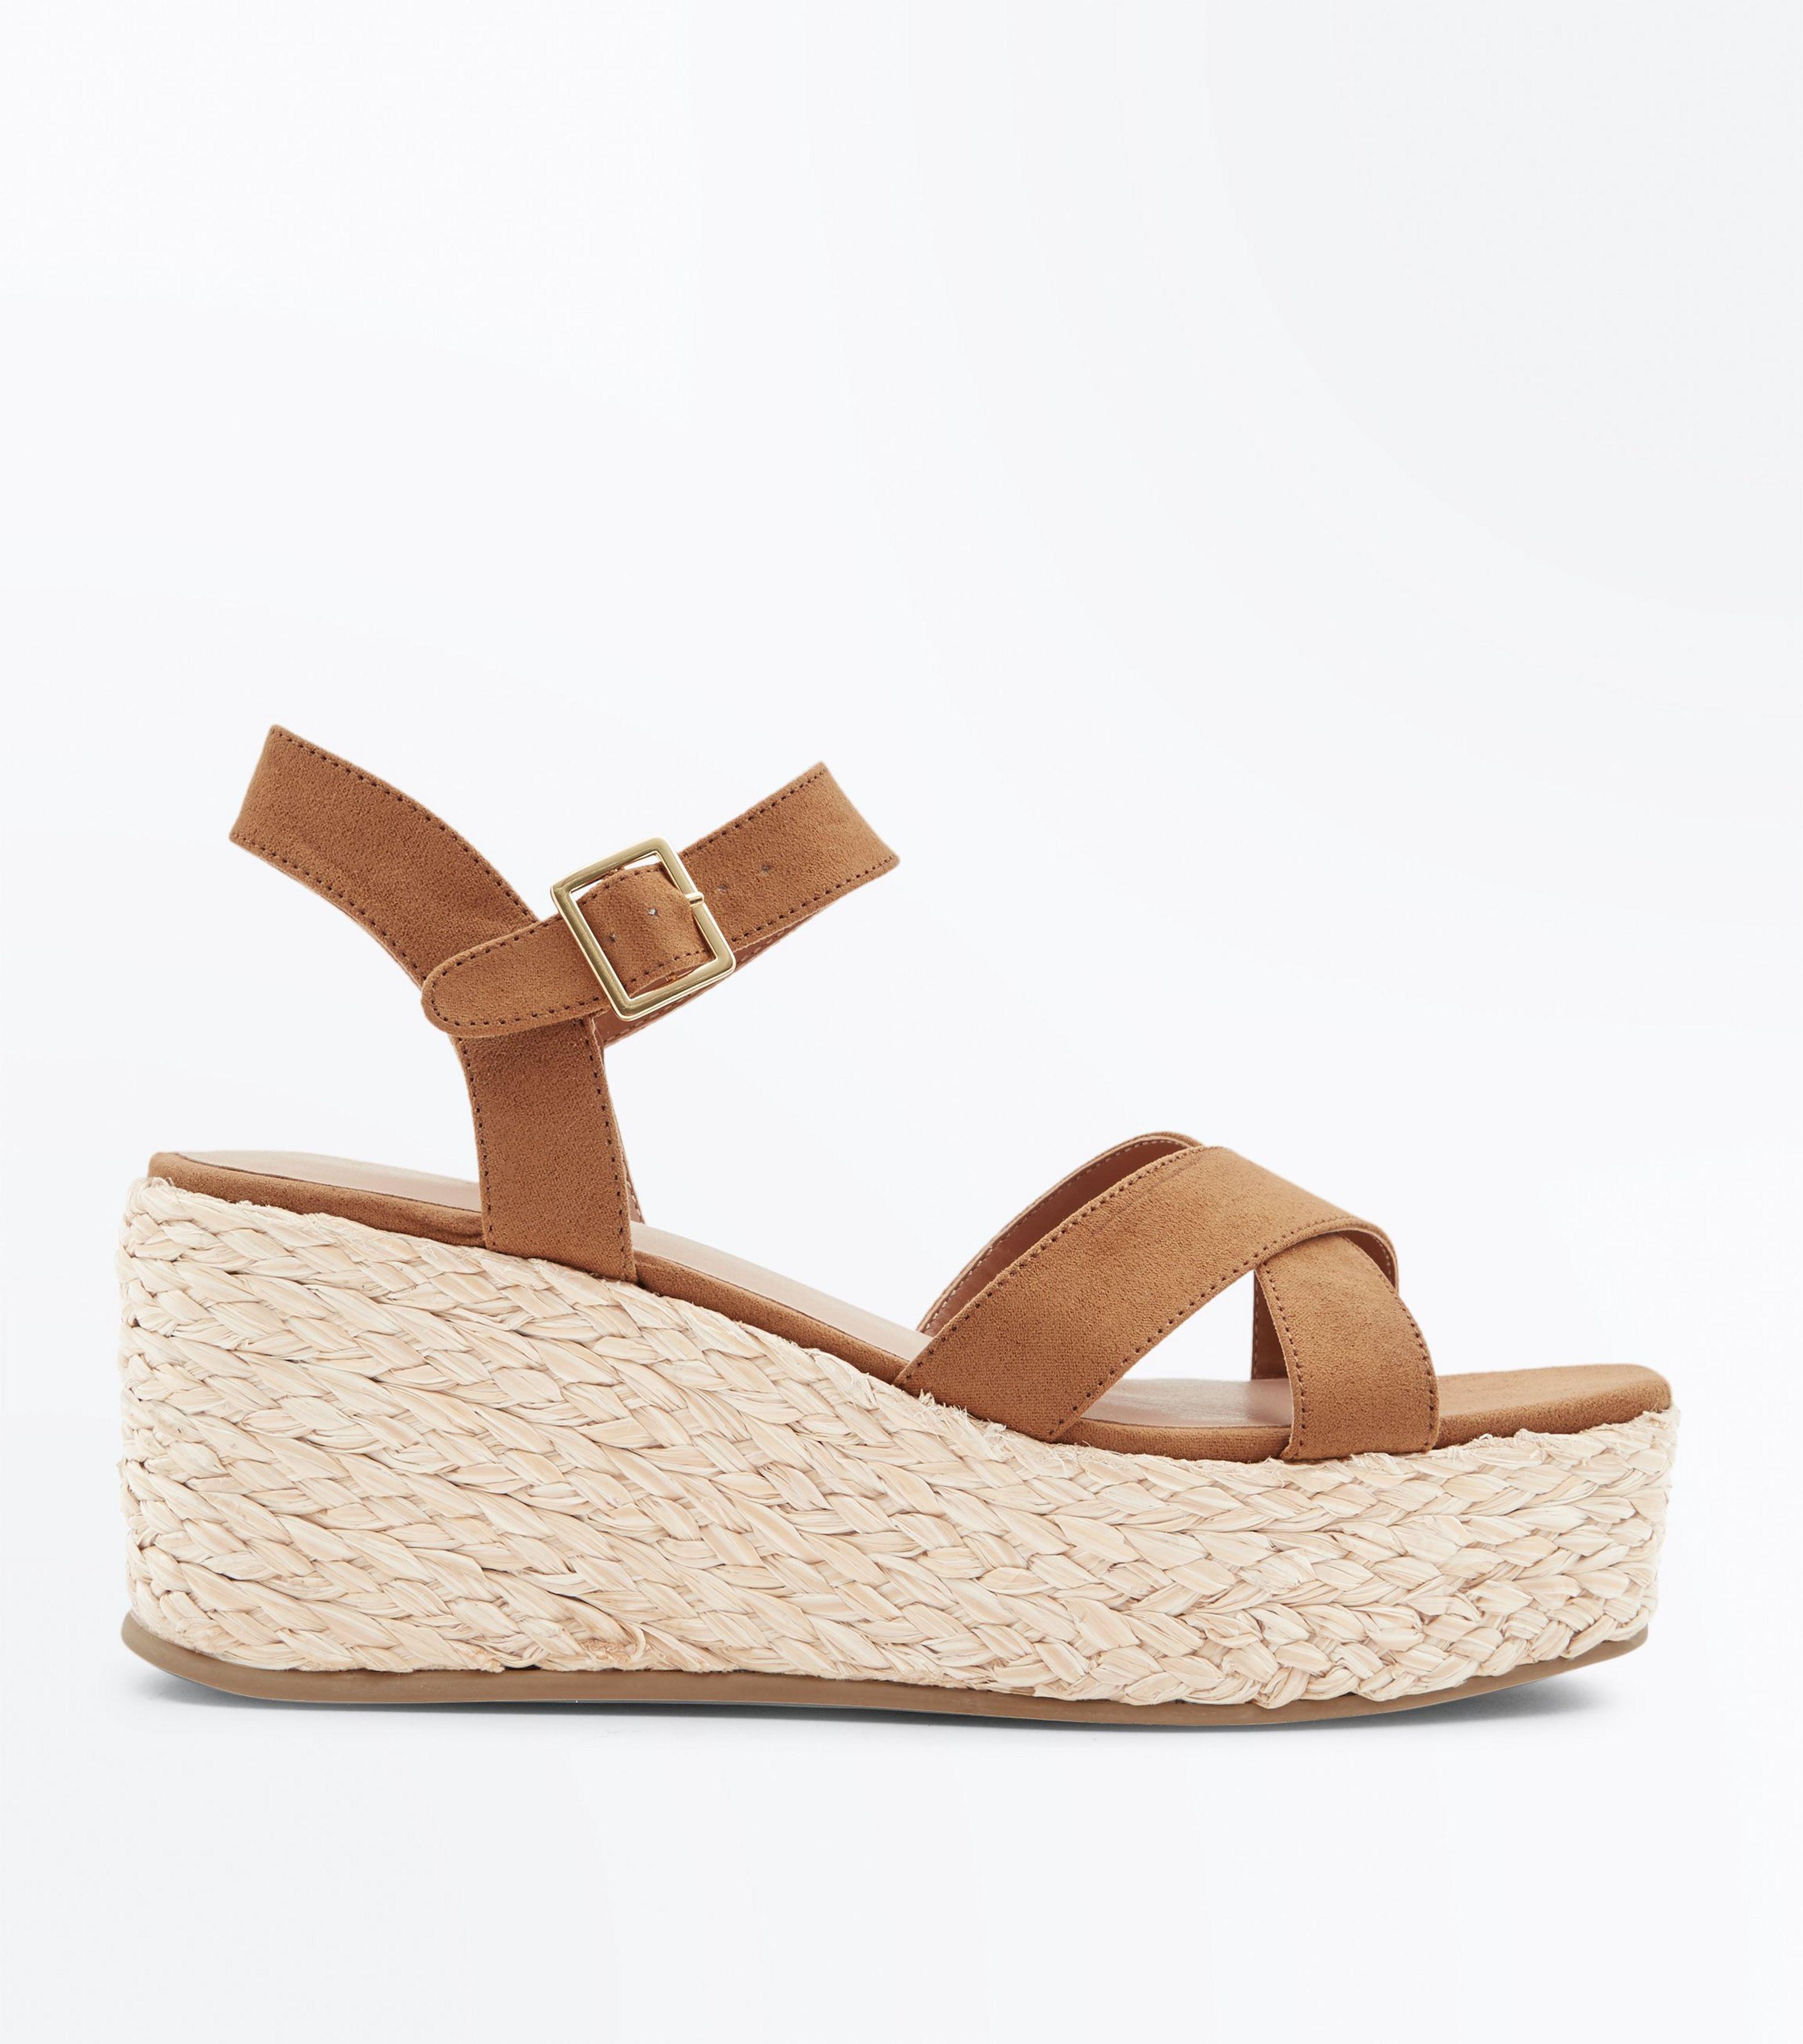 26cdb27cfab New Look Tan Suedette Flatform Espadrille Sandals in Brown - Lyst